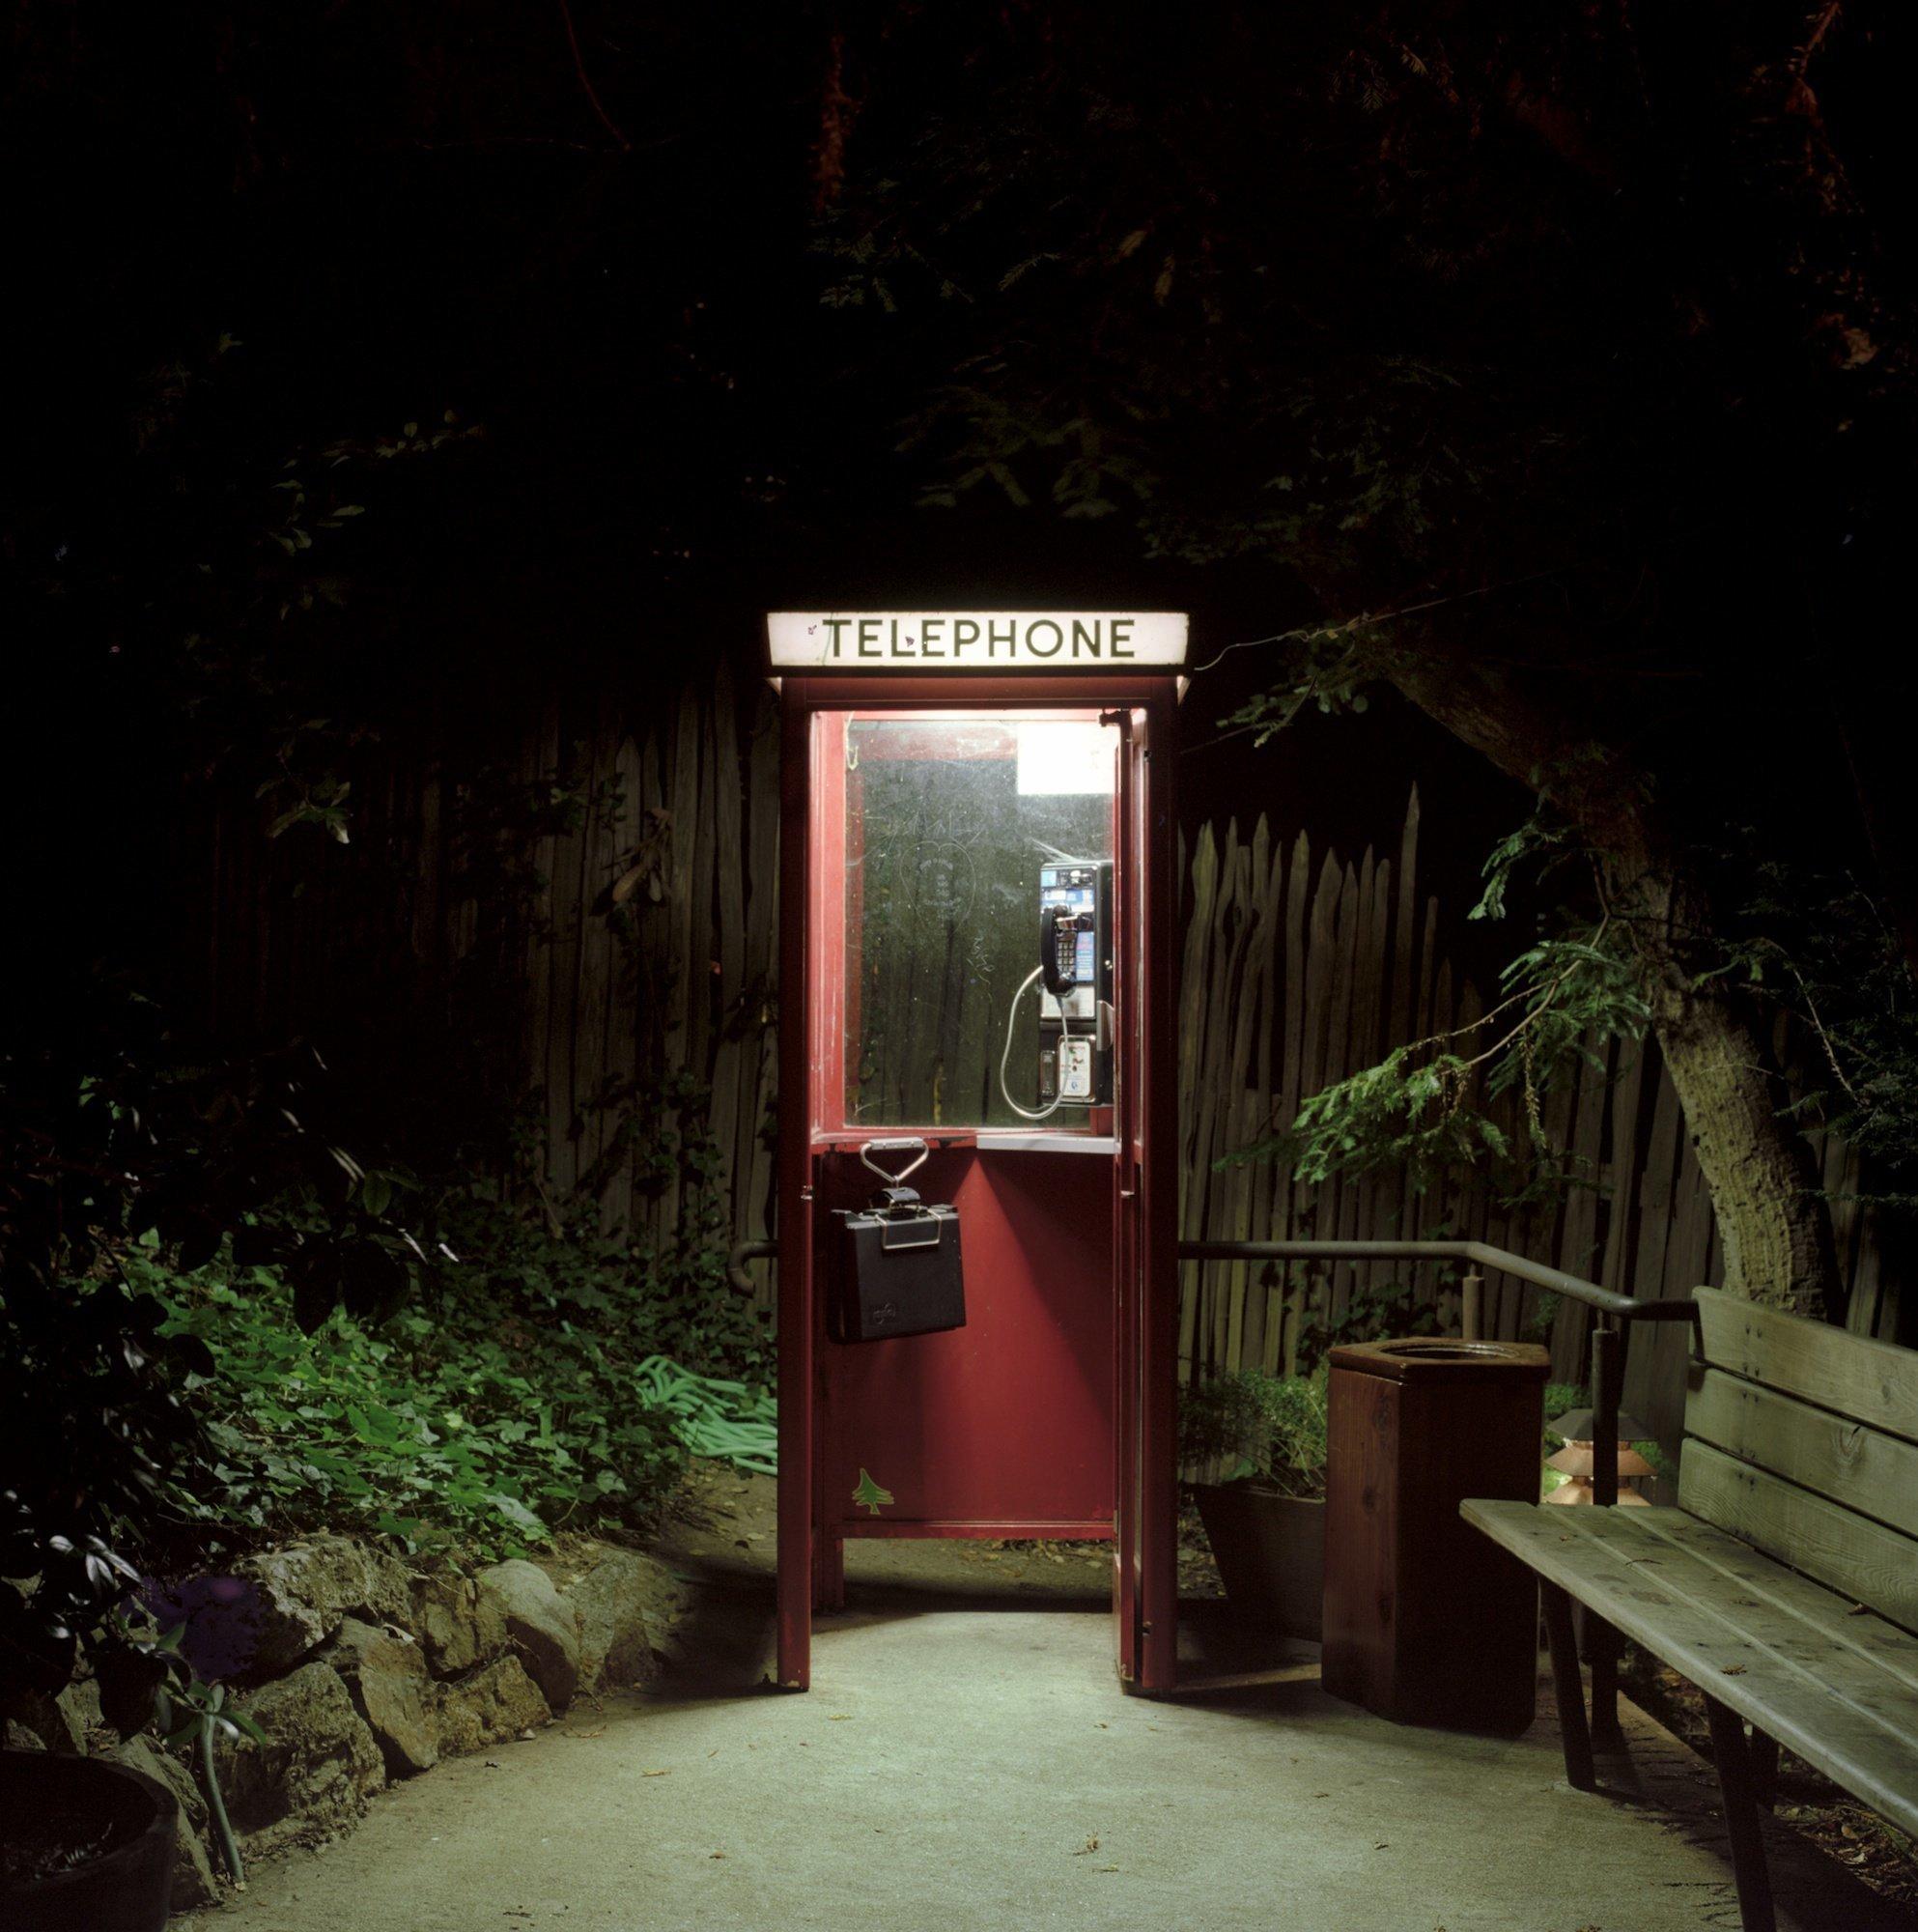 все телефонные будки в америке фото приобретала старую мебель